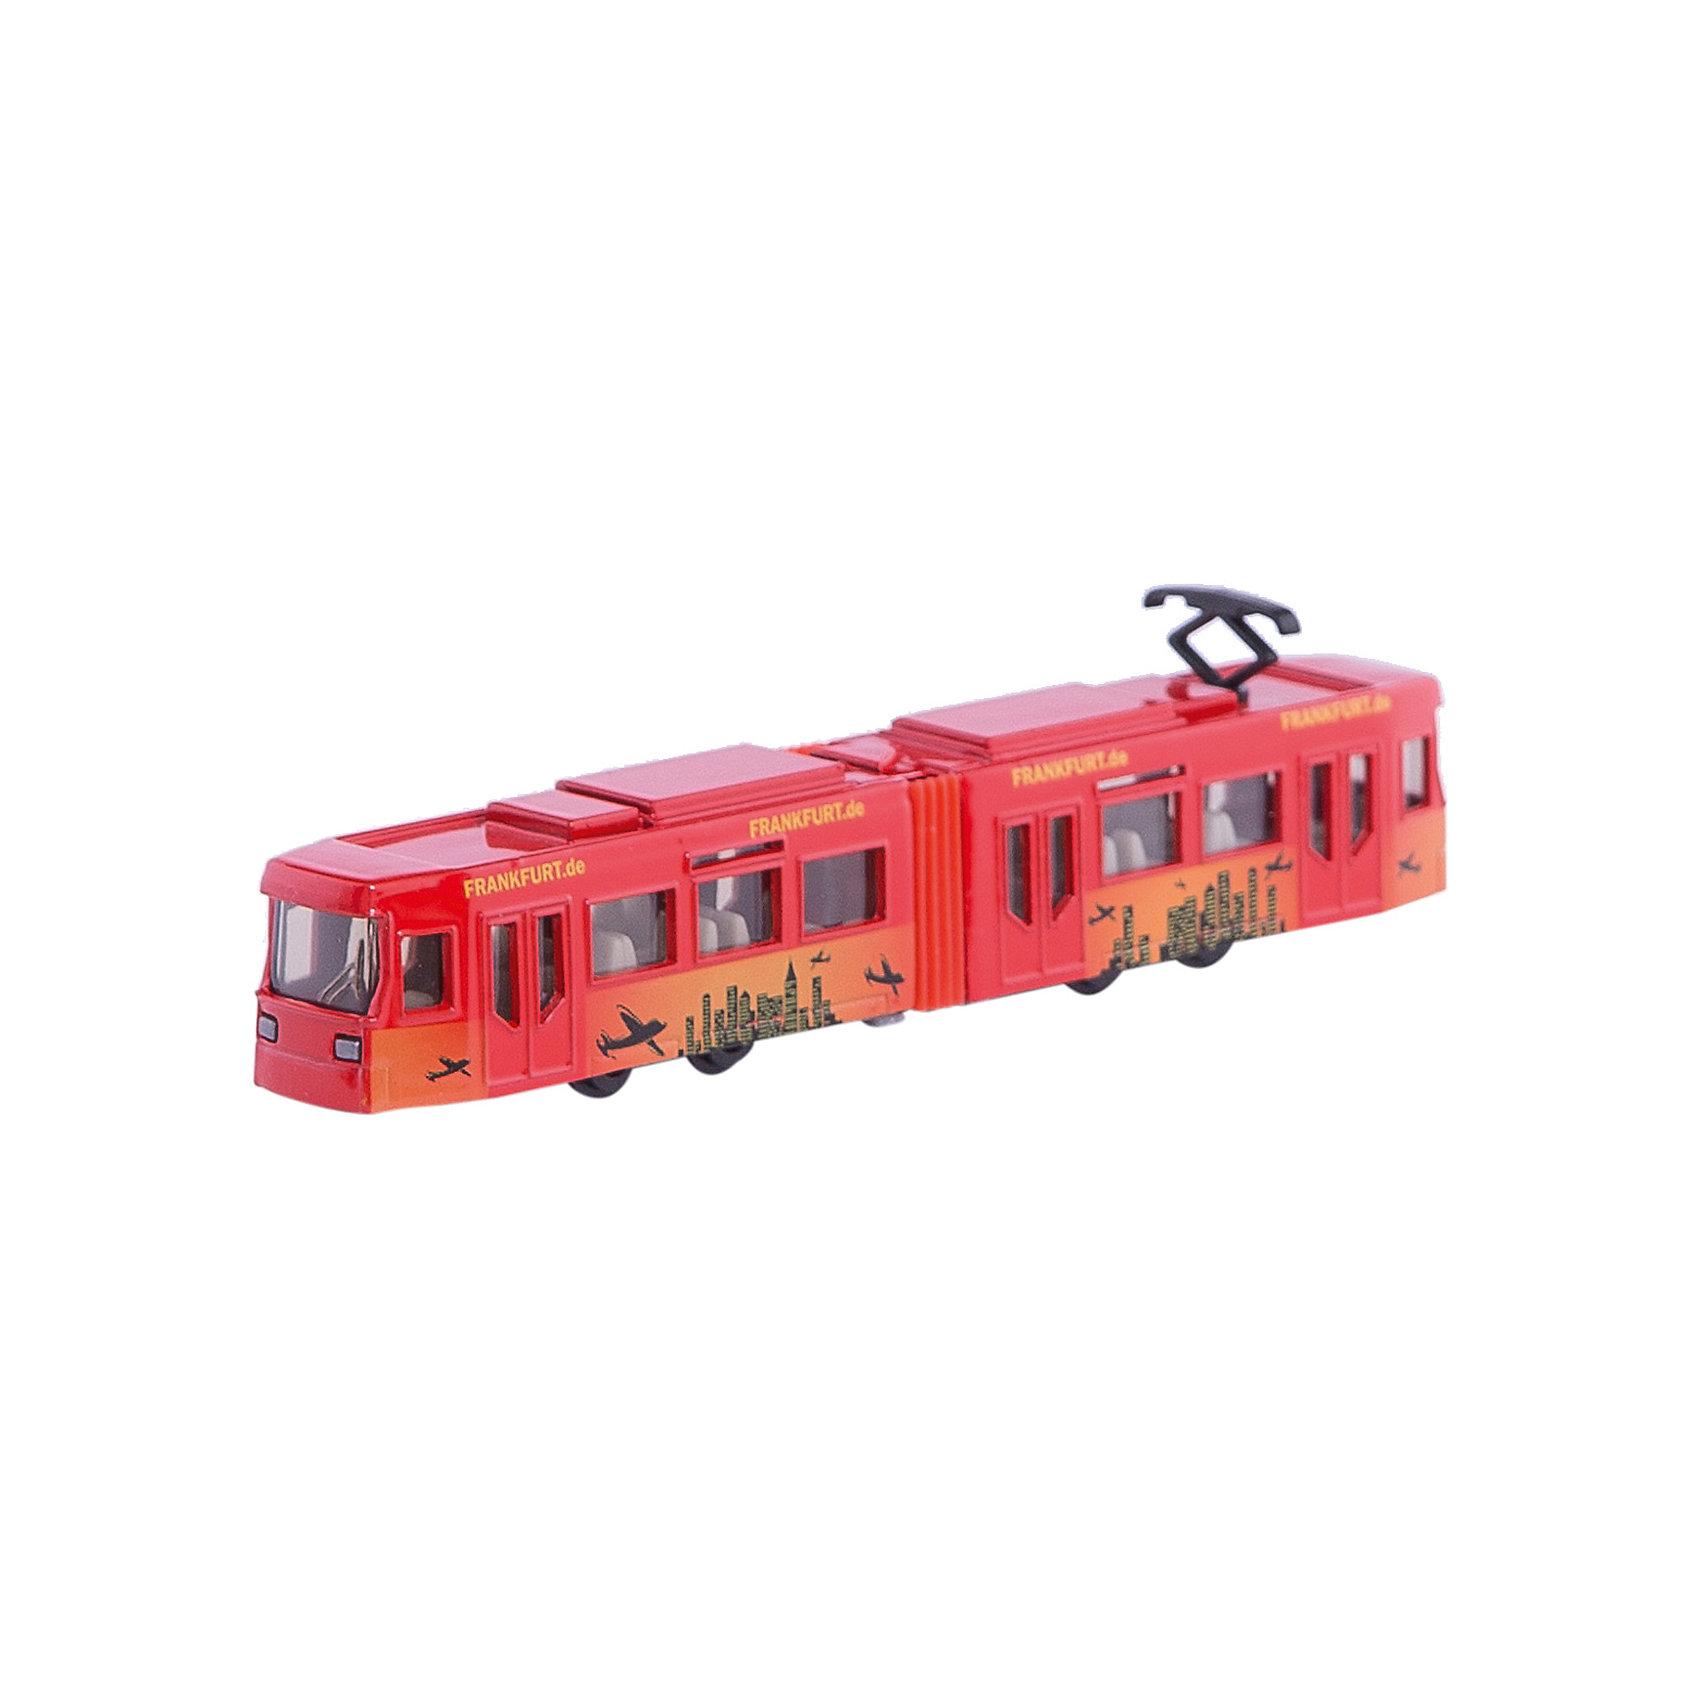 SIKU 1615 ТрамвайТрамвай, Siku, станет прекрасным пополнением коллекции юного любителя техники. Модель очень похожа на настоящий городской трамвай, отличается высокой степенью детализации и тщательной проработкой всех элементов. Трамвай состоит из двух частей соединенных в середине гармошкой, через прозрачные пластиковые окна хорошо просматривается салон с пассажирскими сиденьями, колеса вращаются. Корпус и колесные оси модели выполнены из металла, остальные детали изготовлены из ударопрочной пластмассы. <br><br>Дополнительная информация:<br><br>- Материал: металл, пластик.<br>- Масштаб: 1:55.<br>- Размер трамвая: 16 x 2,4 x 3 см.<br>- Размер упаковки: 20 x 8 x 3 см.<br>- Вес: 125 гр. <br><br>1615 Трамвай, Siku, можно купить в нашем интернет-магазине.<br><br>Ширина мм: 195<br>Глубина мм: 83<br>Высота мм: 32<br>Вес г: 128<br>Возраст от месяцев: 36<br>Возраст до месяцев: 96<br>Пол: Мужской<br>Возраст: Детский<br>SKU: 1036969